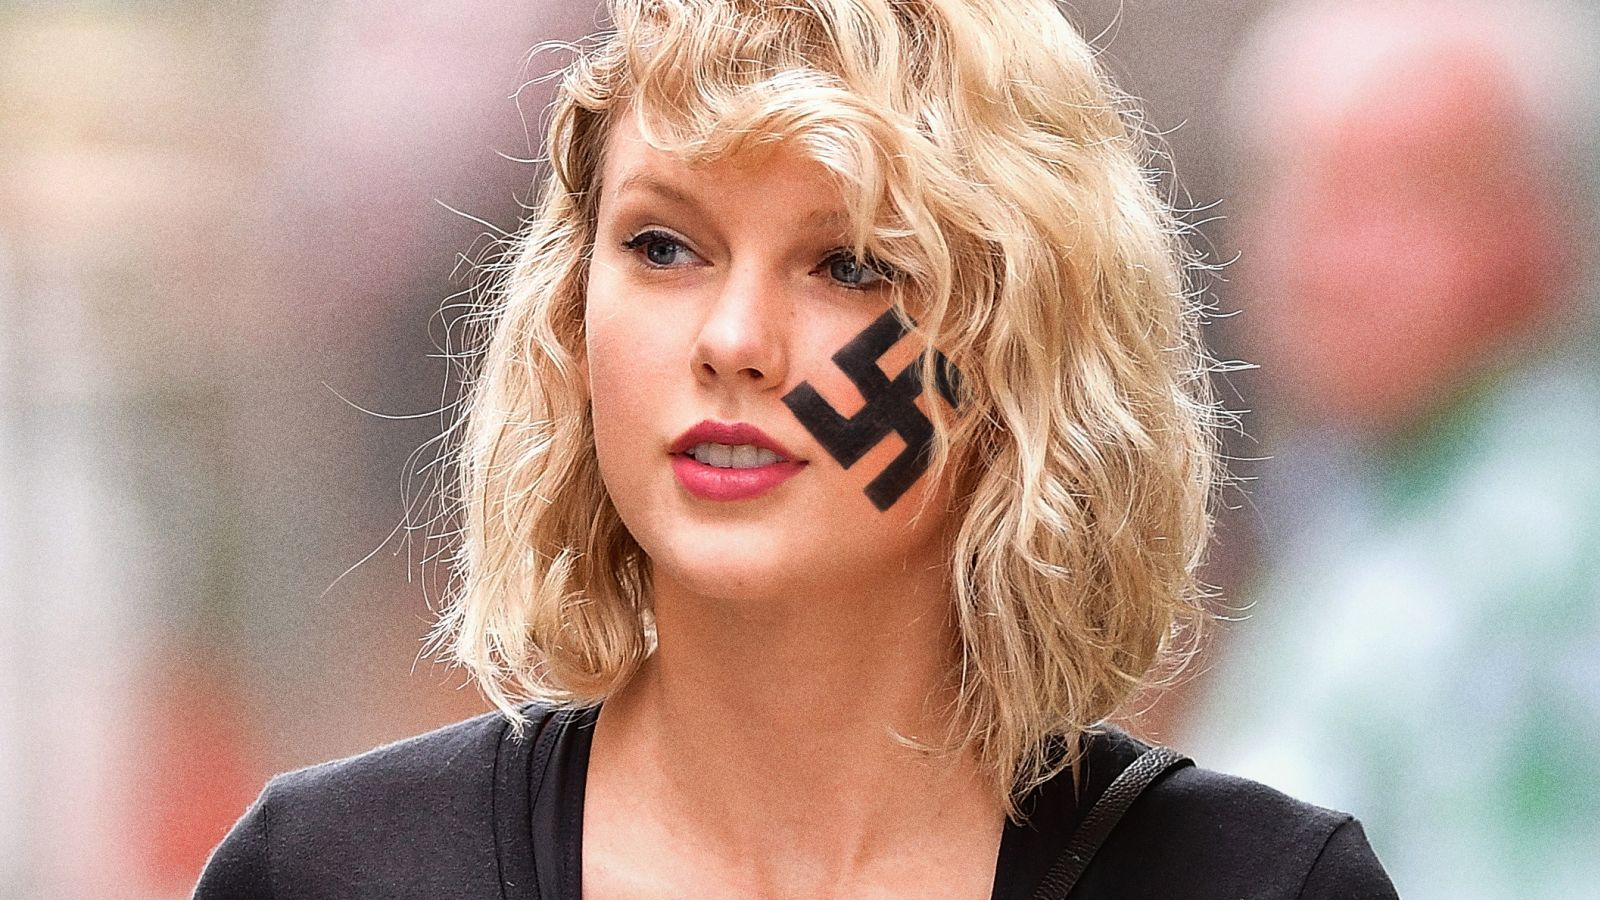 Taylor Swift Grateful Kanye West Controversy Taking Heat Off New Swastika Tattoo https://t.co/QnuAK0yQan https://t.co/lZJTQjSwAt